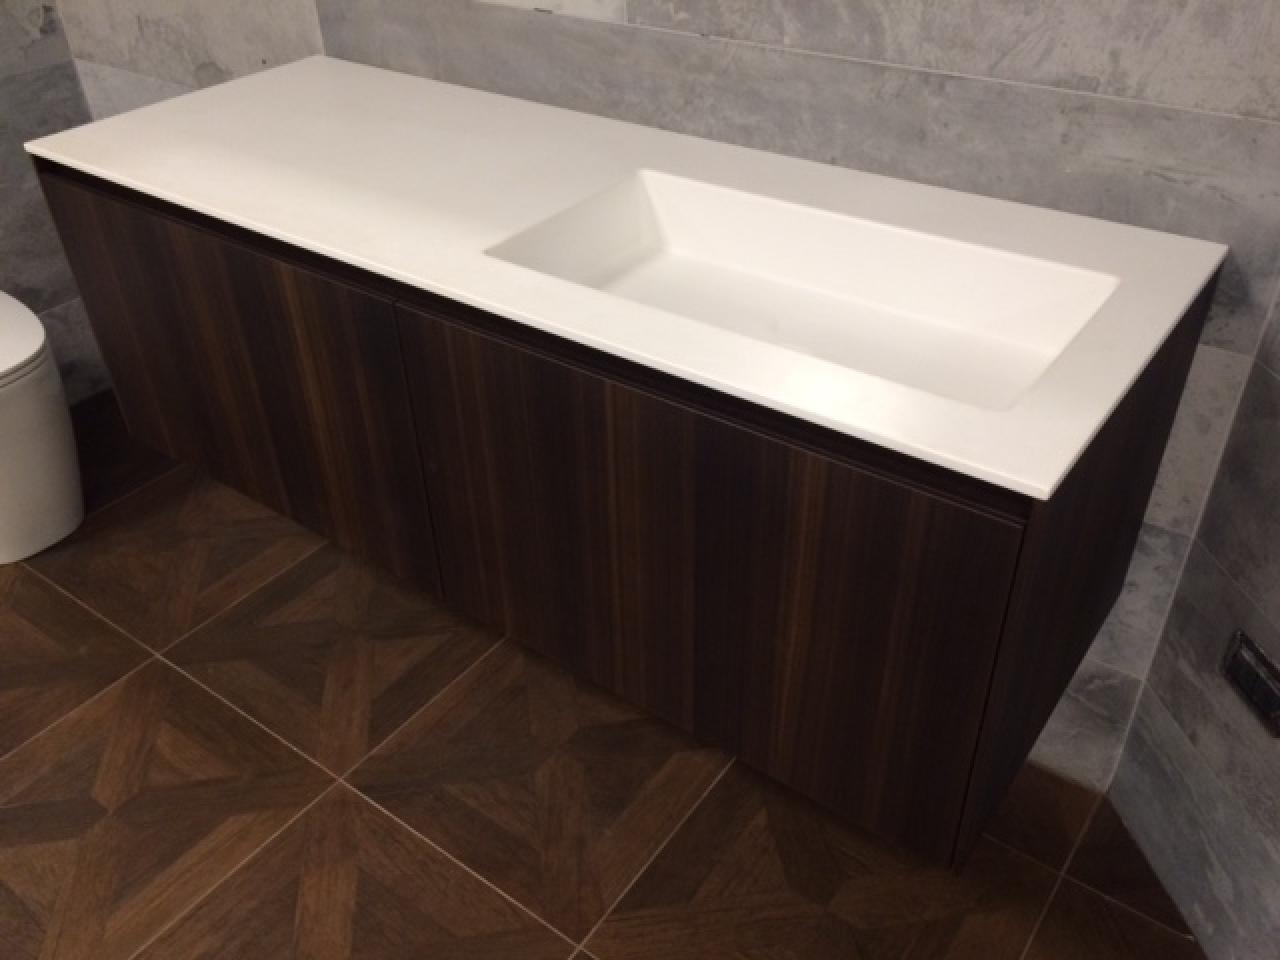 Vasca Da Bagno Corian Prezzi : Mobile bagno legno eucalipto piano corian prezzo outlet vicenza